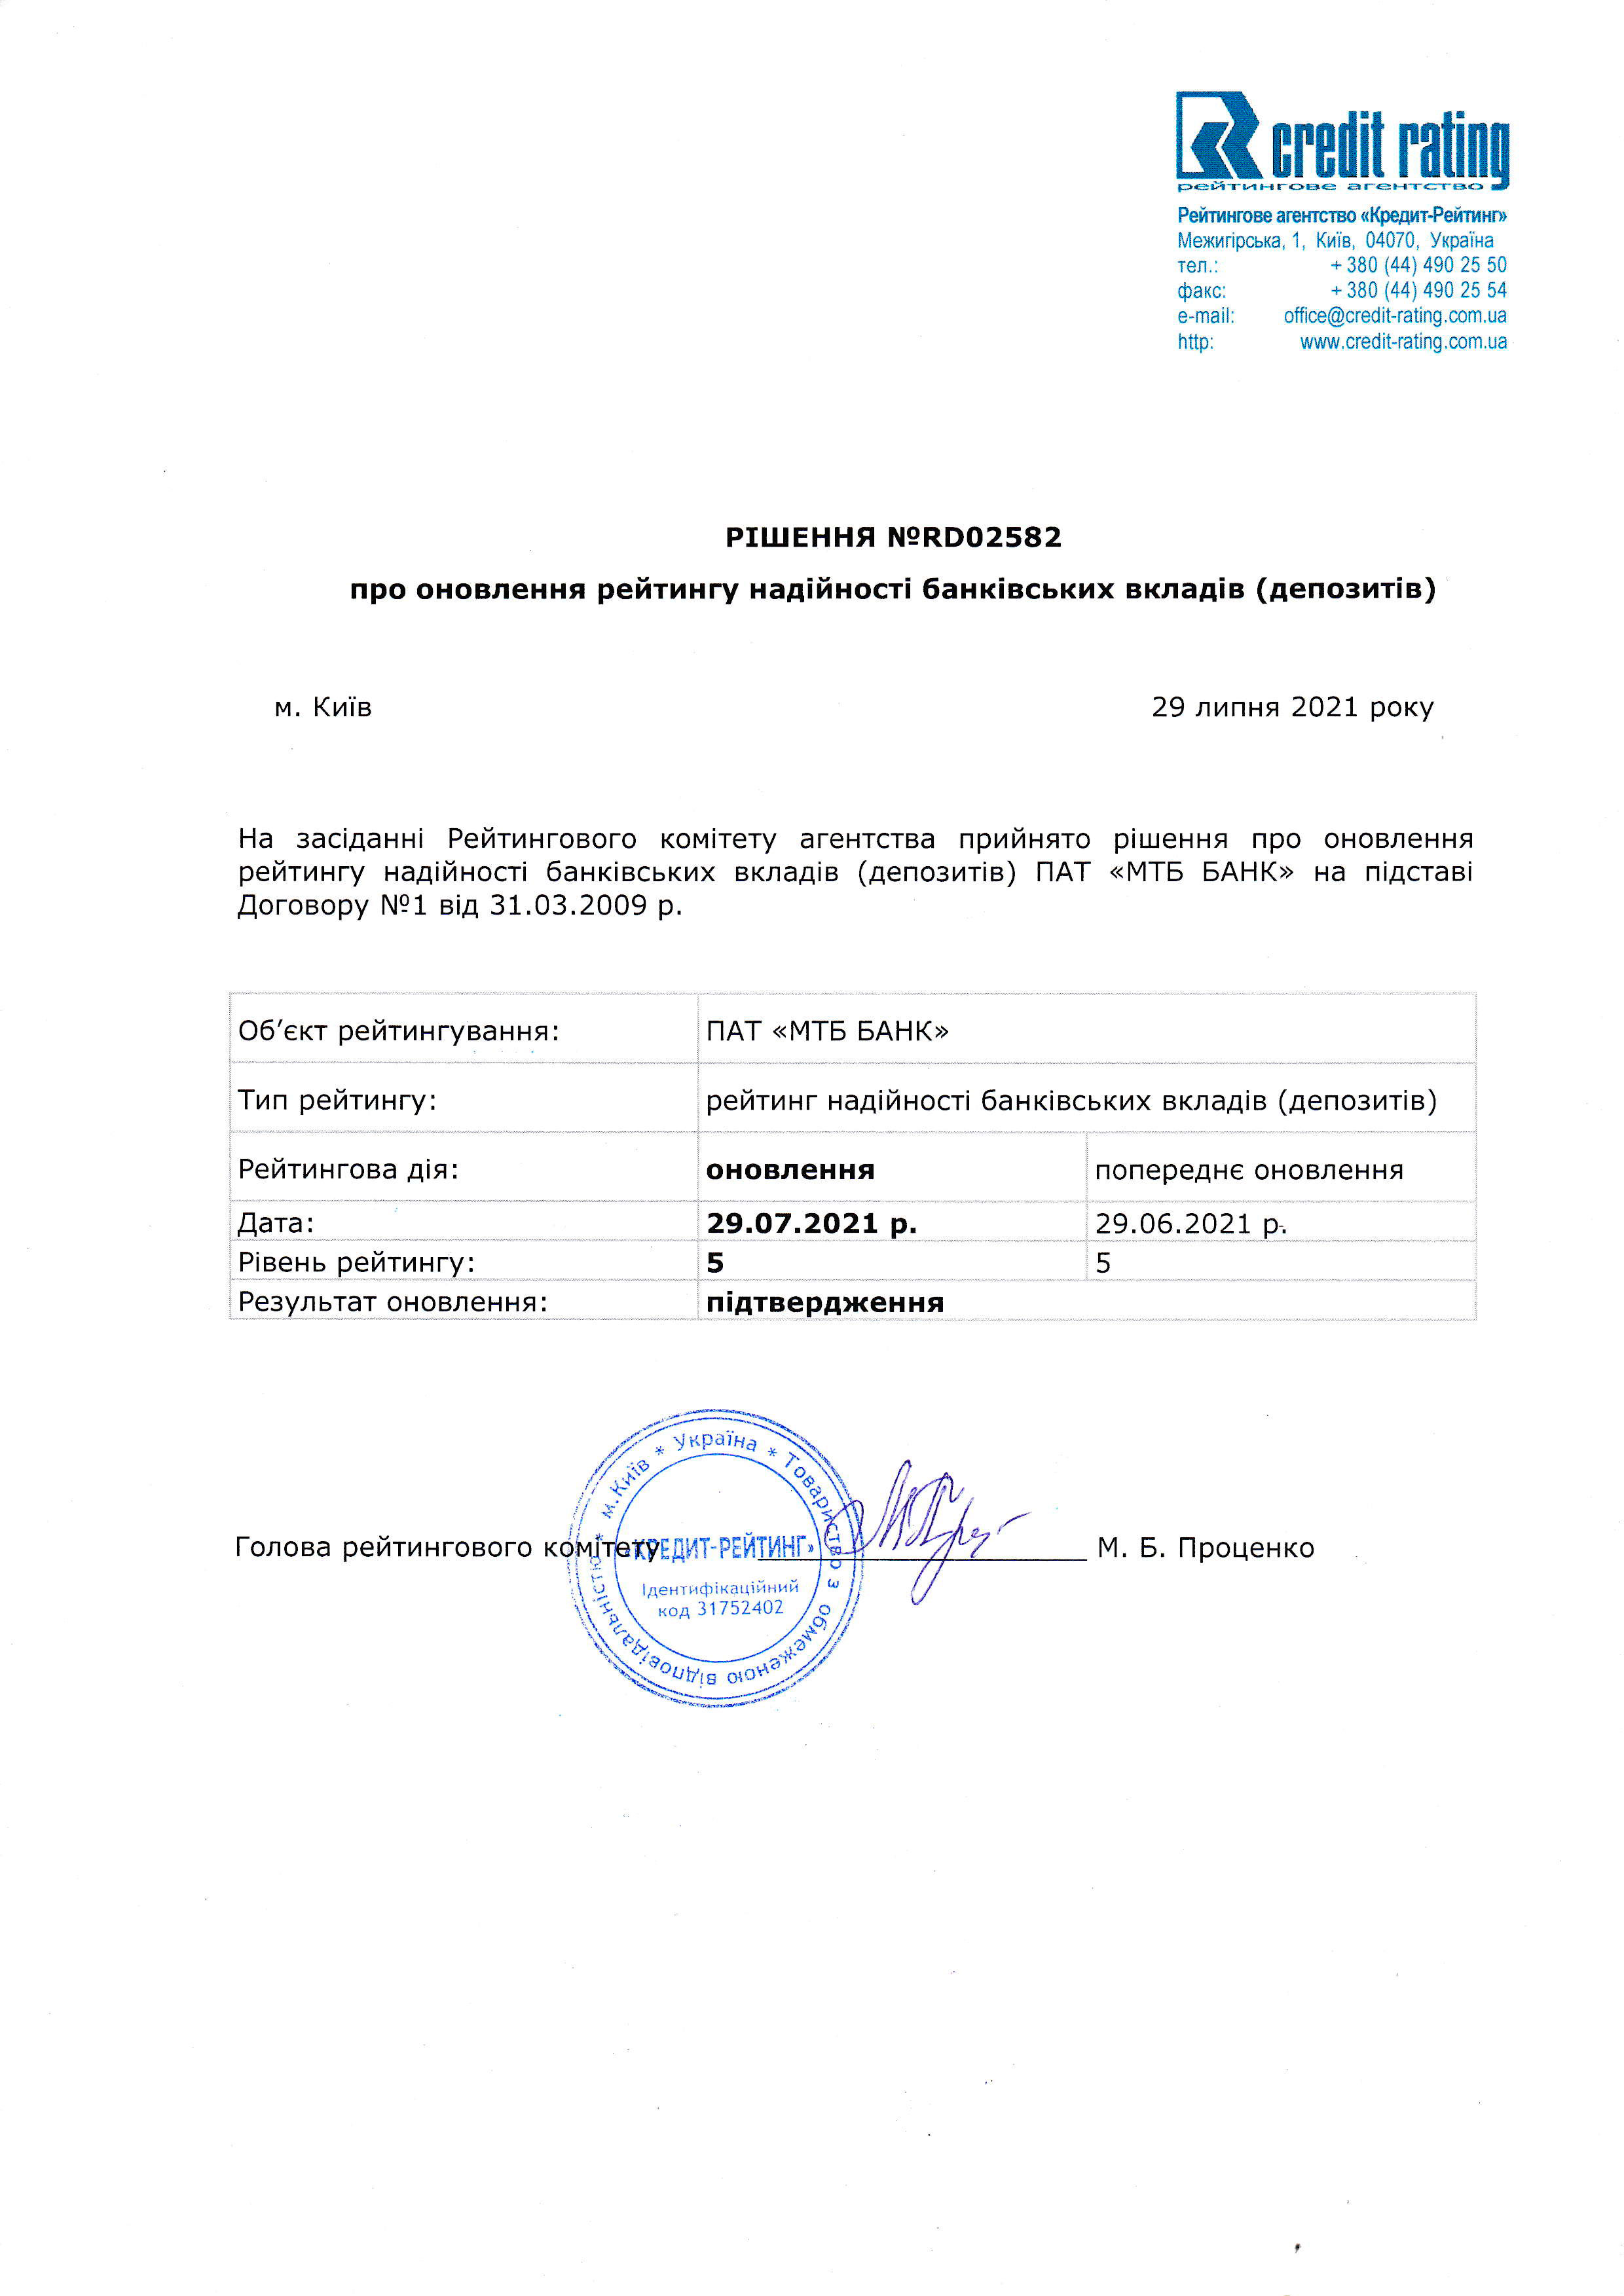 Deposits rating - photo 2 - mtb.ua